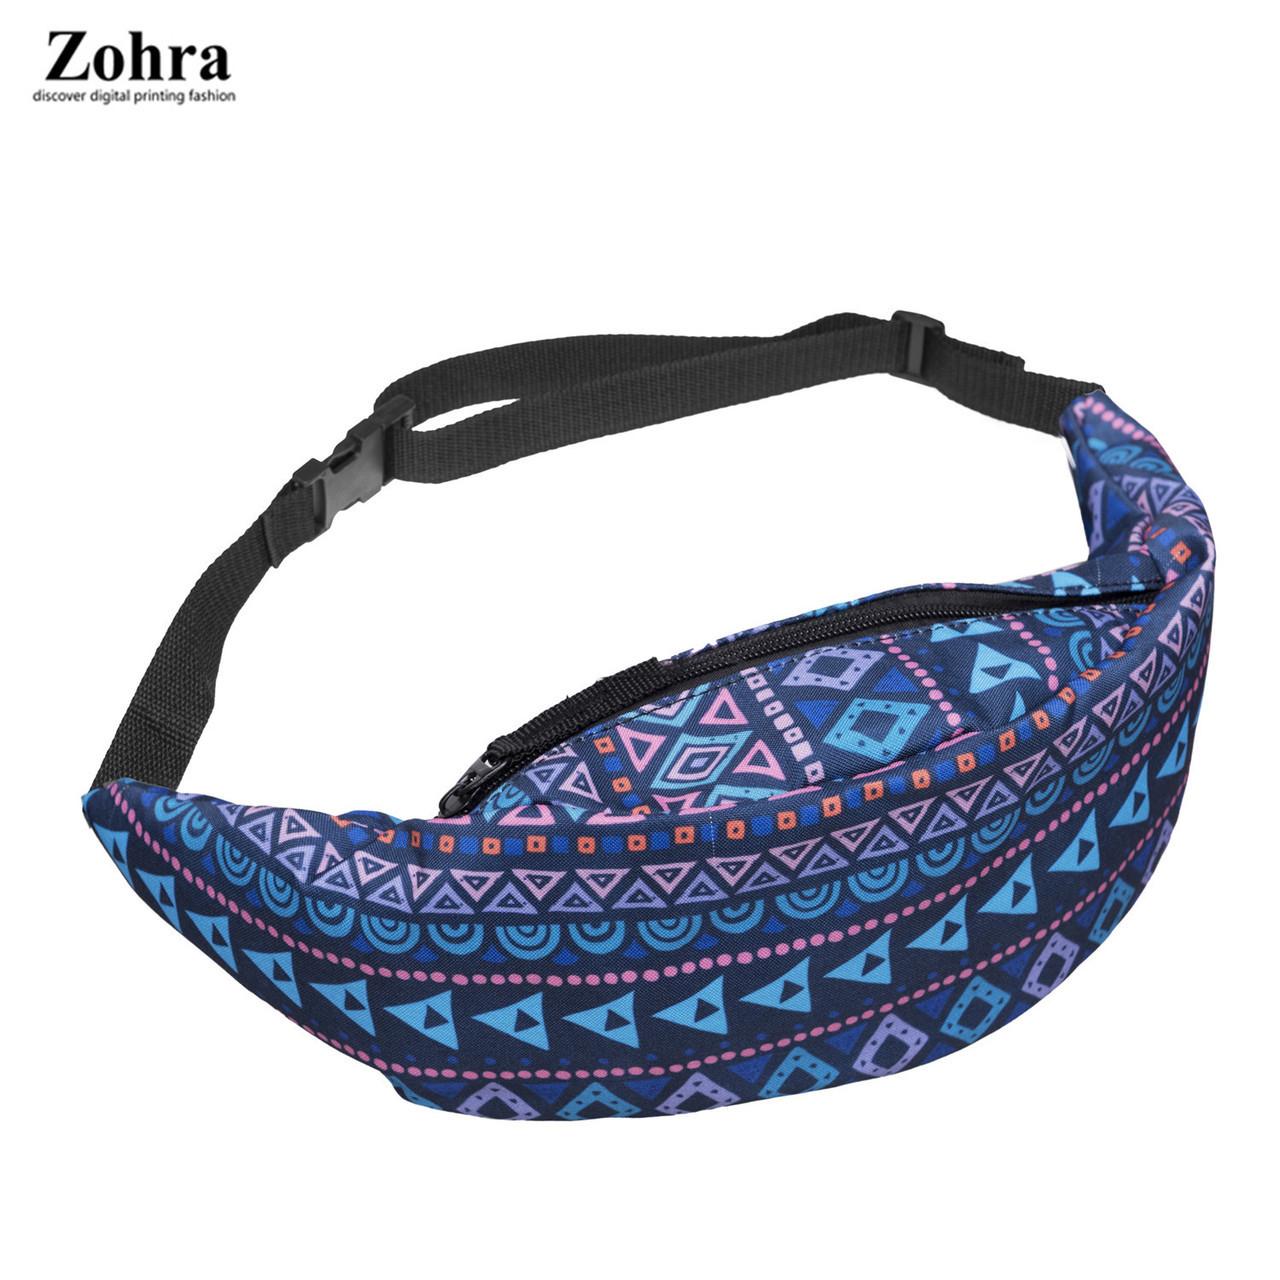 Сумка на пояс Бананка Zohra Узор (синяя)